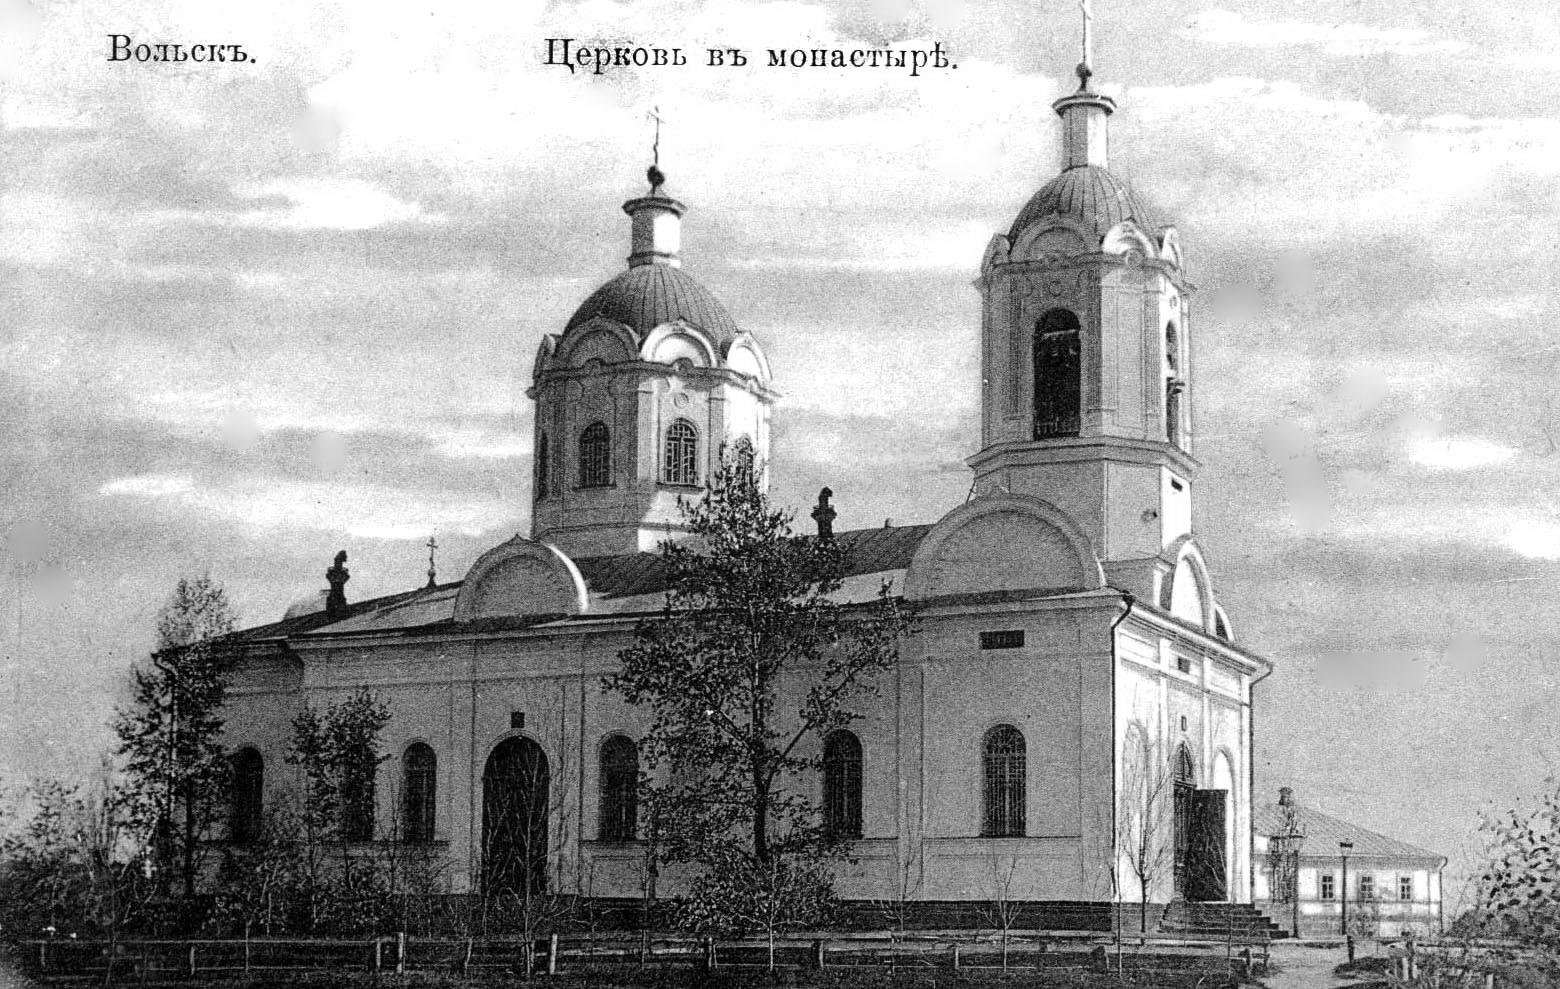 Женский монастырь. Церковь